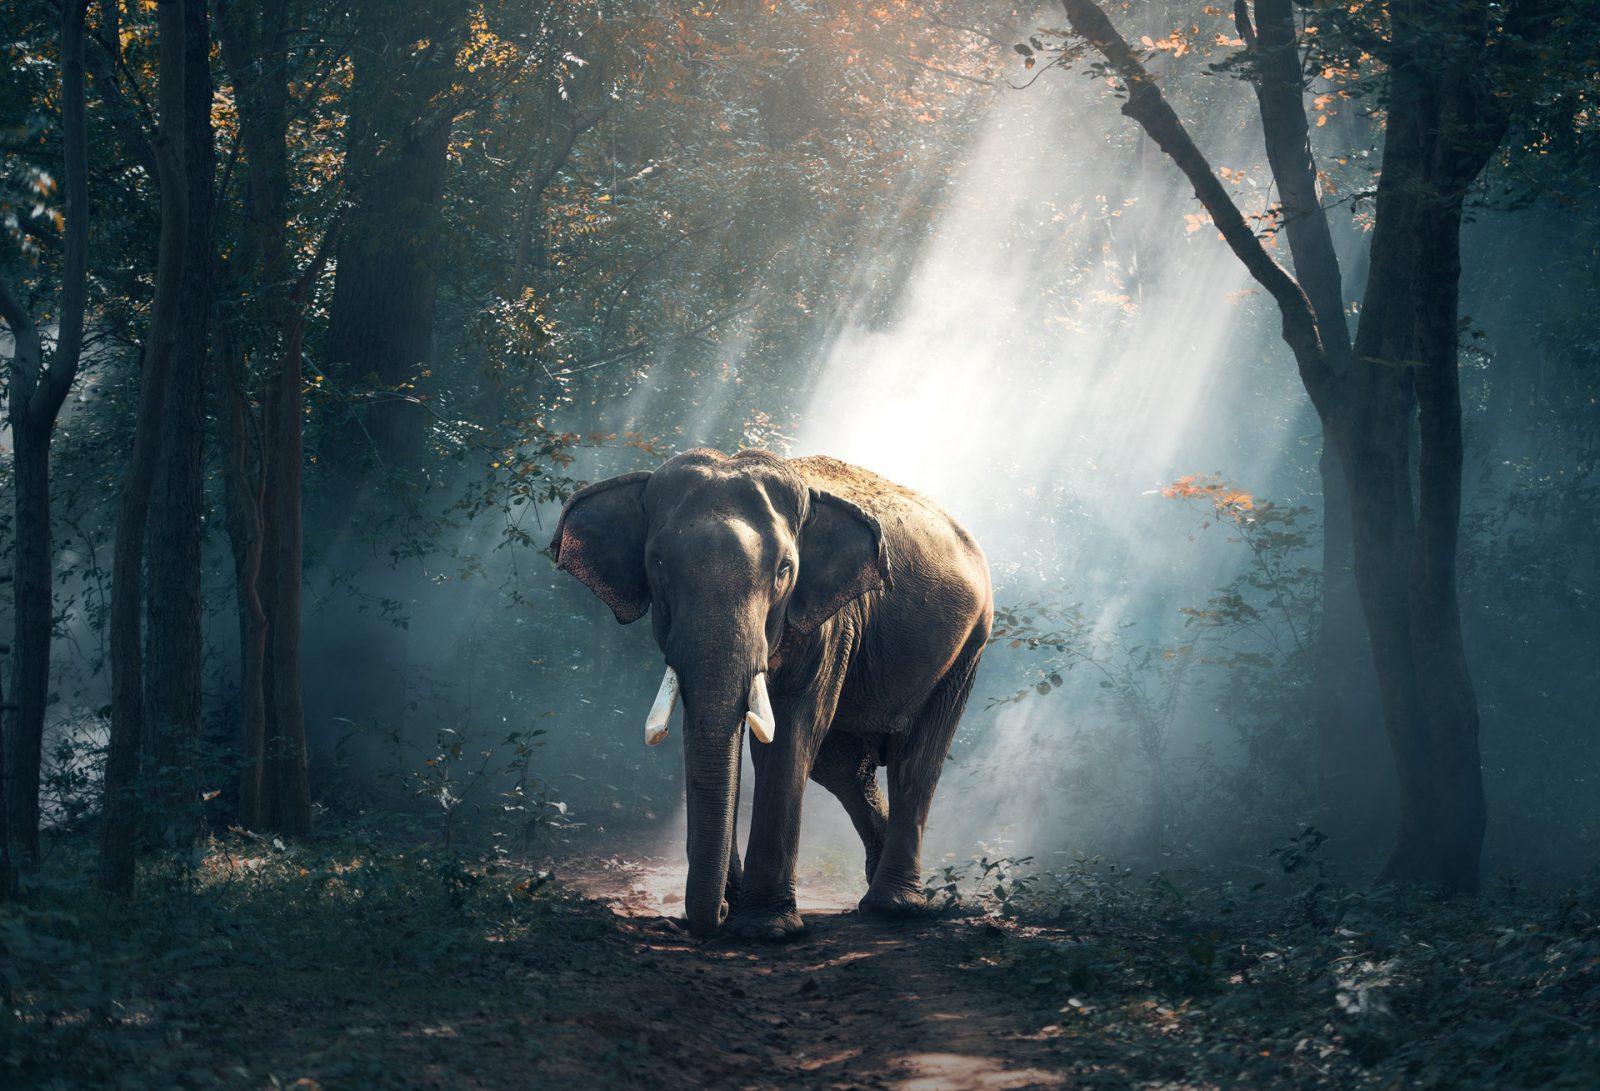 Sonhar com elefante em seu habitat natural significa superação.